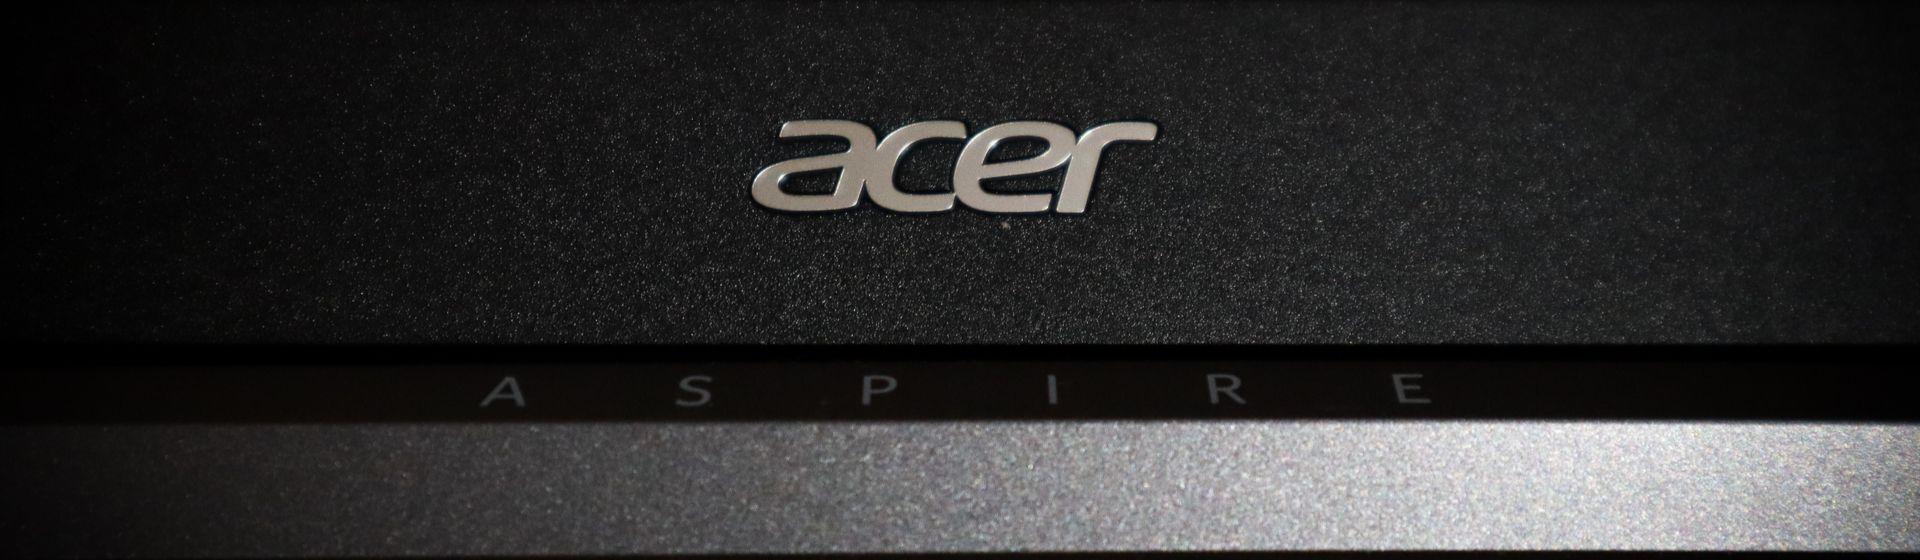 Acer lança novos notebooks Nitro 5 e Aspire 3 com Ryzen no Brasil